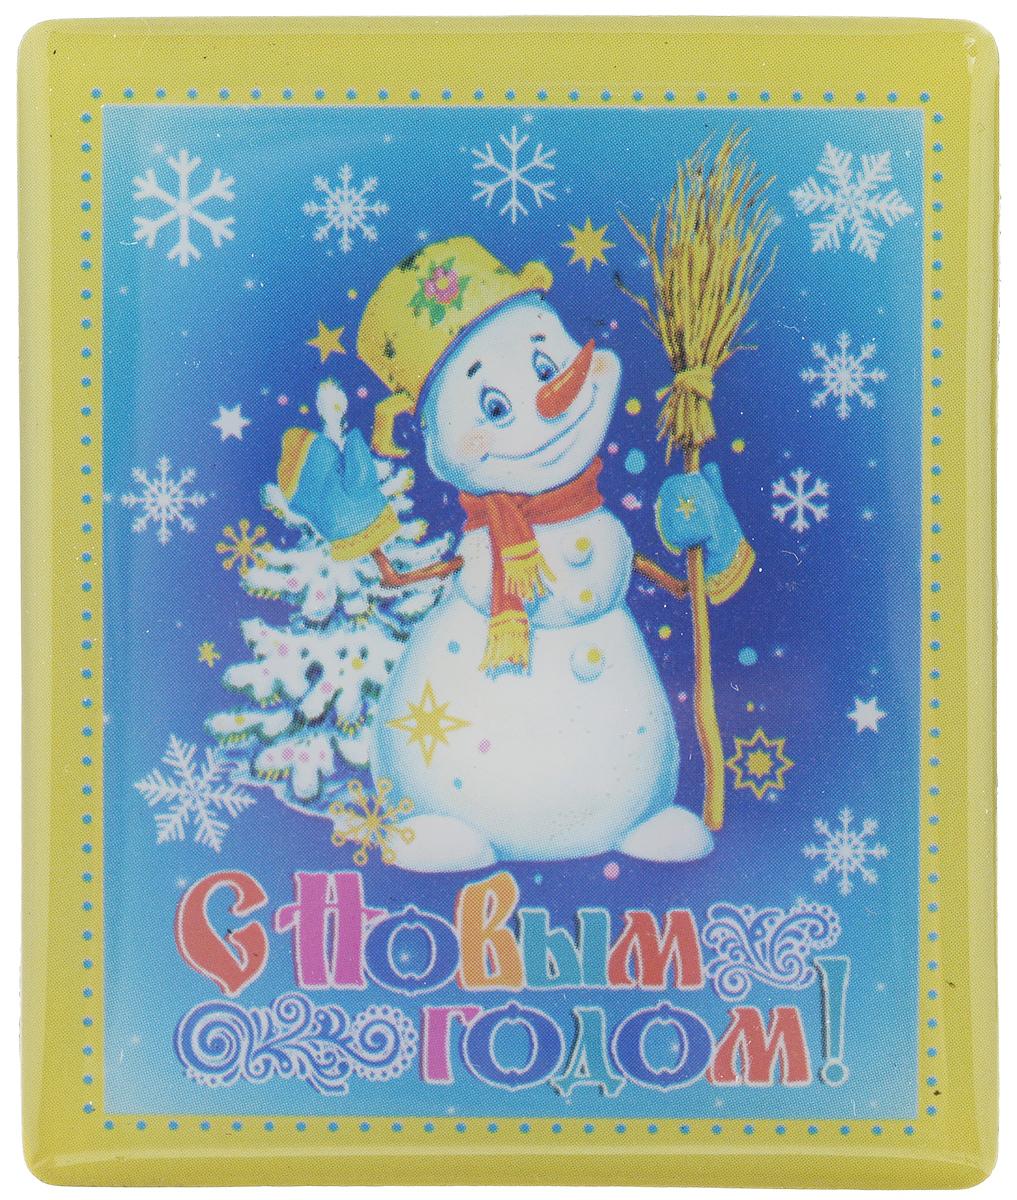 Магнит Феникс-Презент Снеговик, 5 x 6 см27182Магнит прямоугольной формы Феникс-Презент Снеговик, выполненный из агломерированного феррита, станет приятным штрихом в повседневной жизни. Оригинальный магнит, декорированный изображением снеговика и надписи С Новым Годом!, поможет вам украсить не только холодильник, но и любую другую магнитную поверхность. Материал: агломерированный феррит.